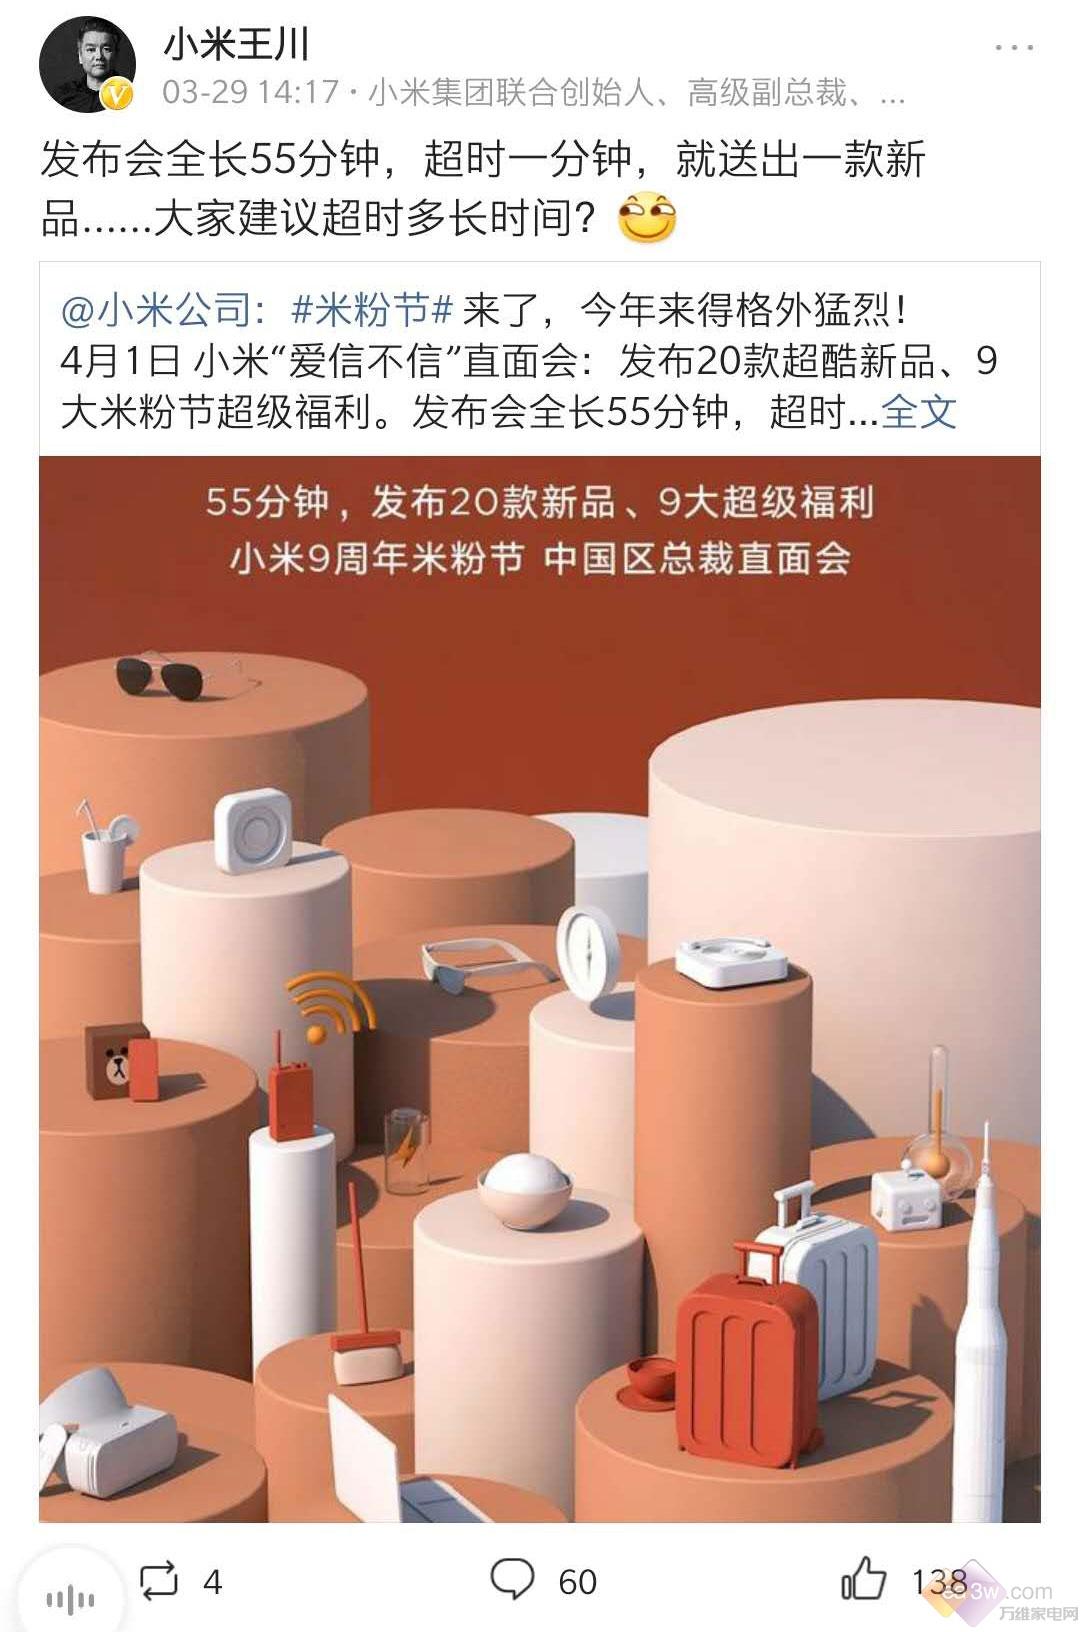 小米新空调4月1日发布,干净省电省钱成三大关键词